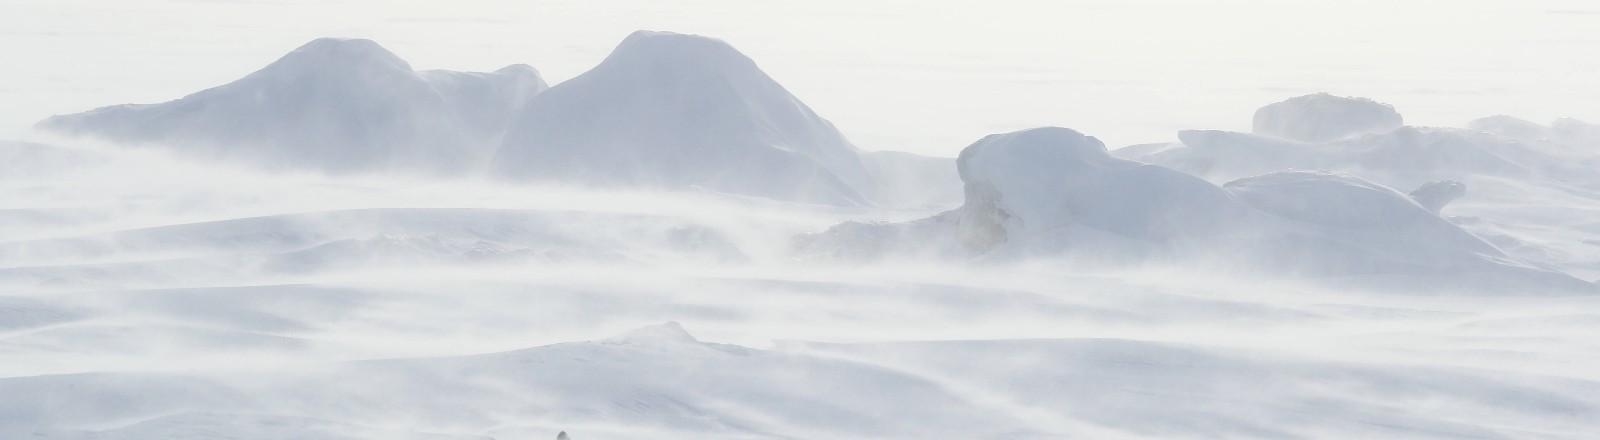 Eislandschaft in Sibirien